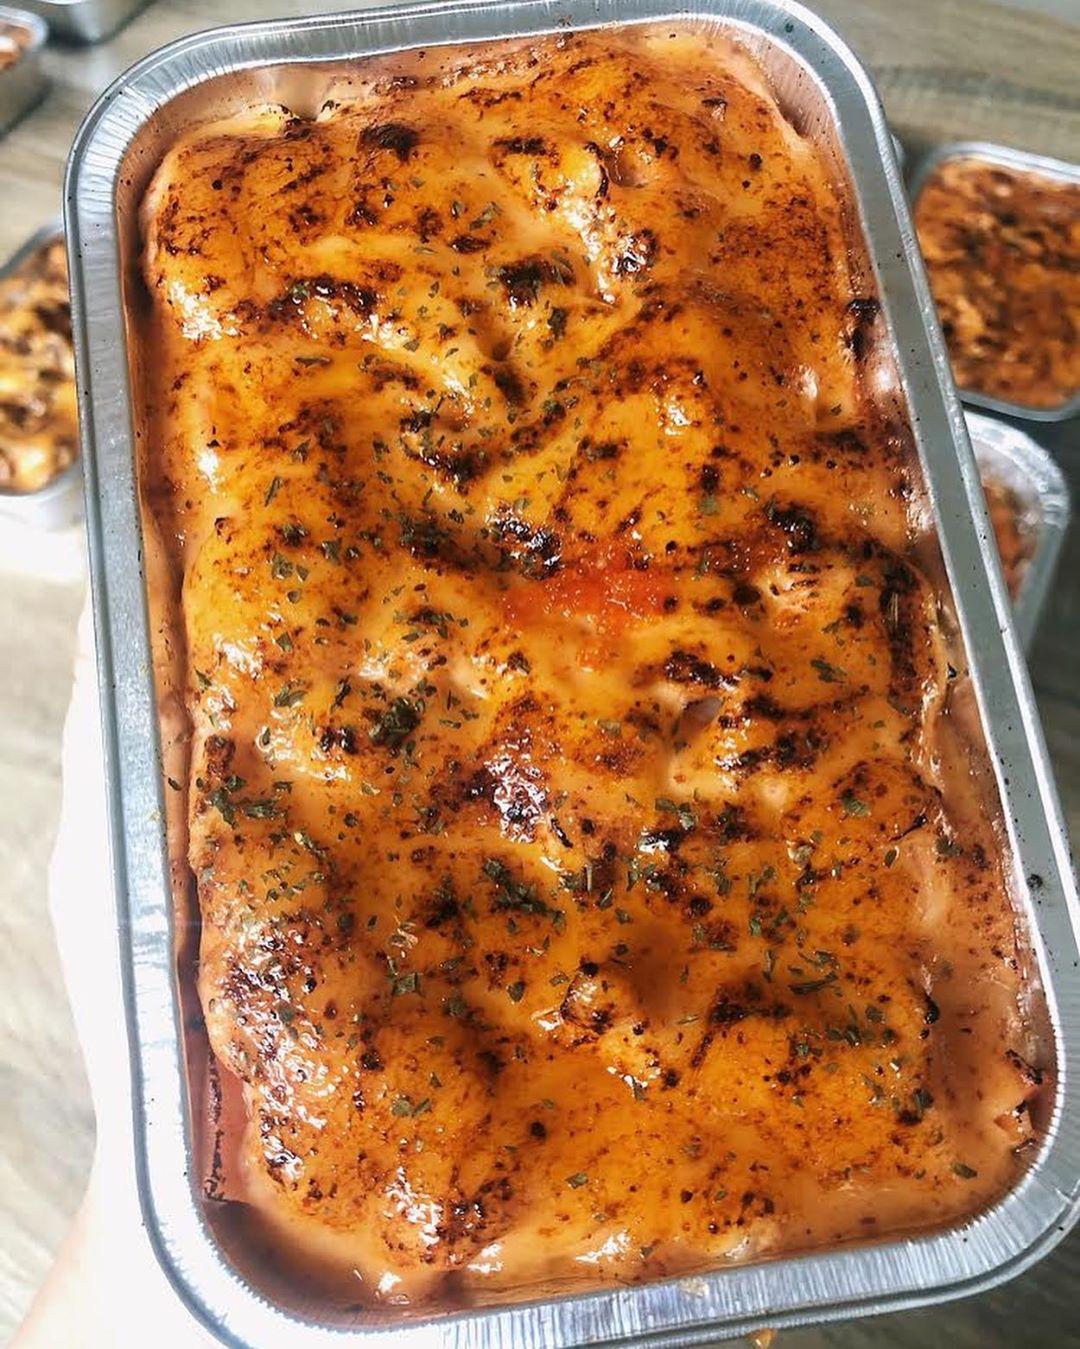 Resep Salmon Mentai Kekinian yang Laris Manis